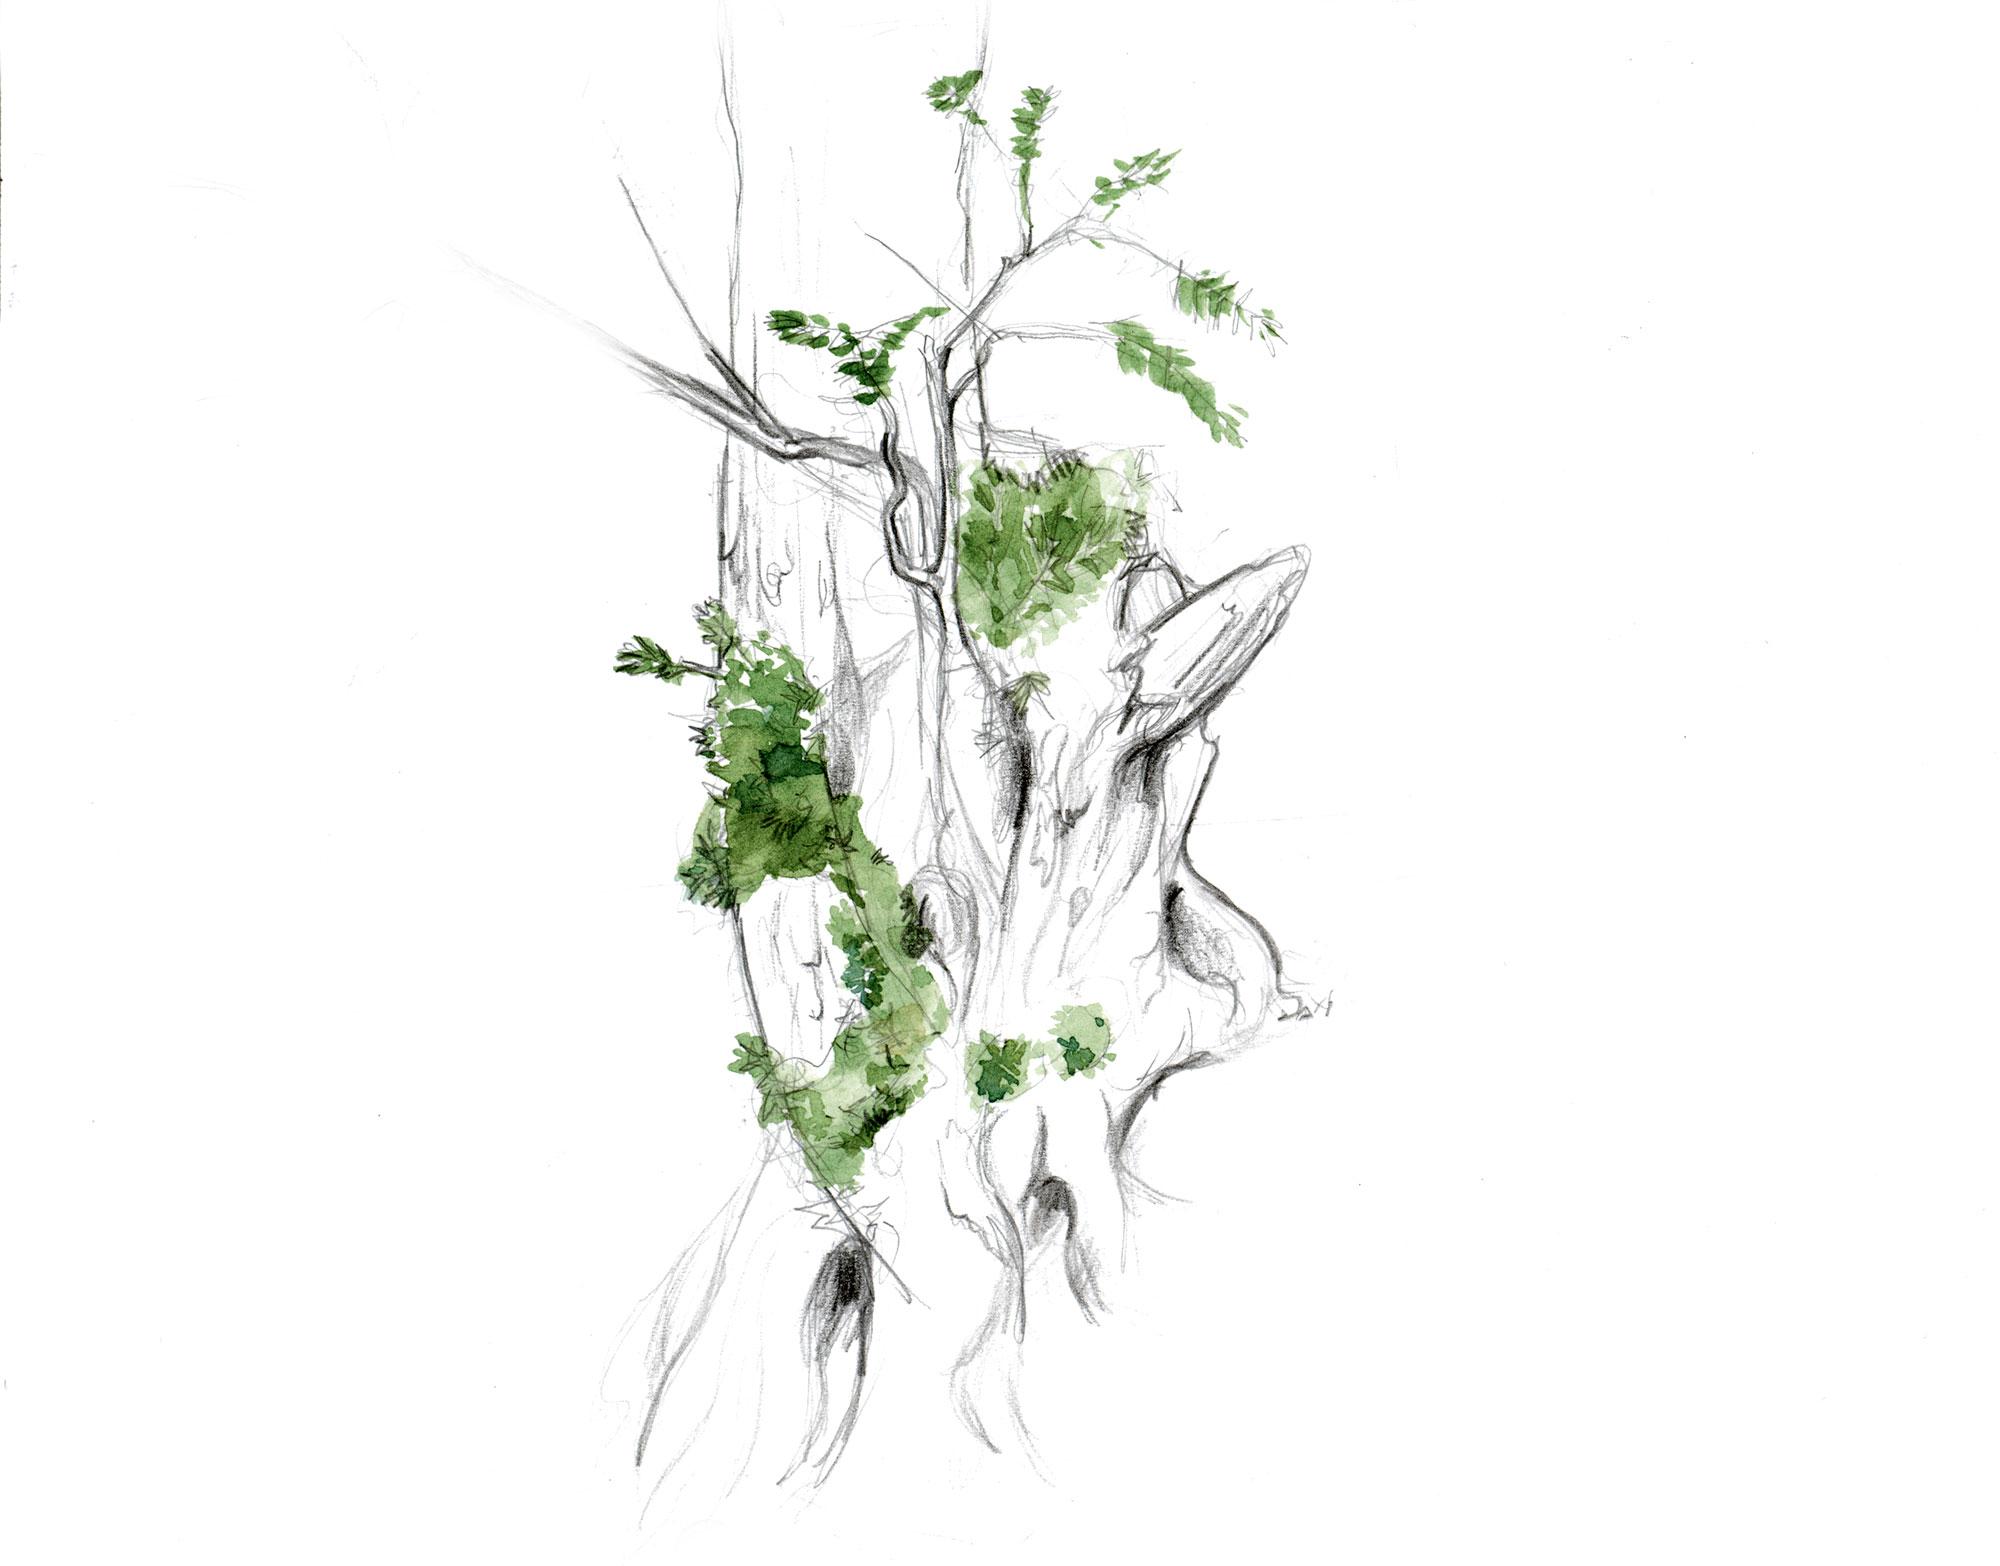 L'if, un arbre toxique à la longévité exceptionnelle